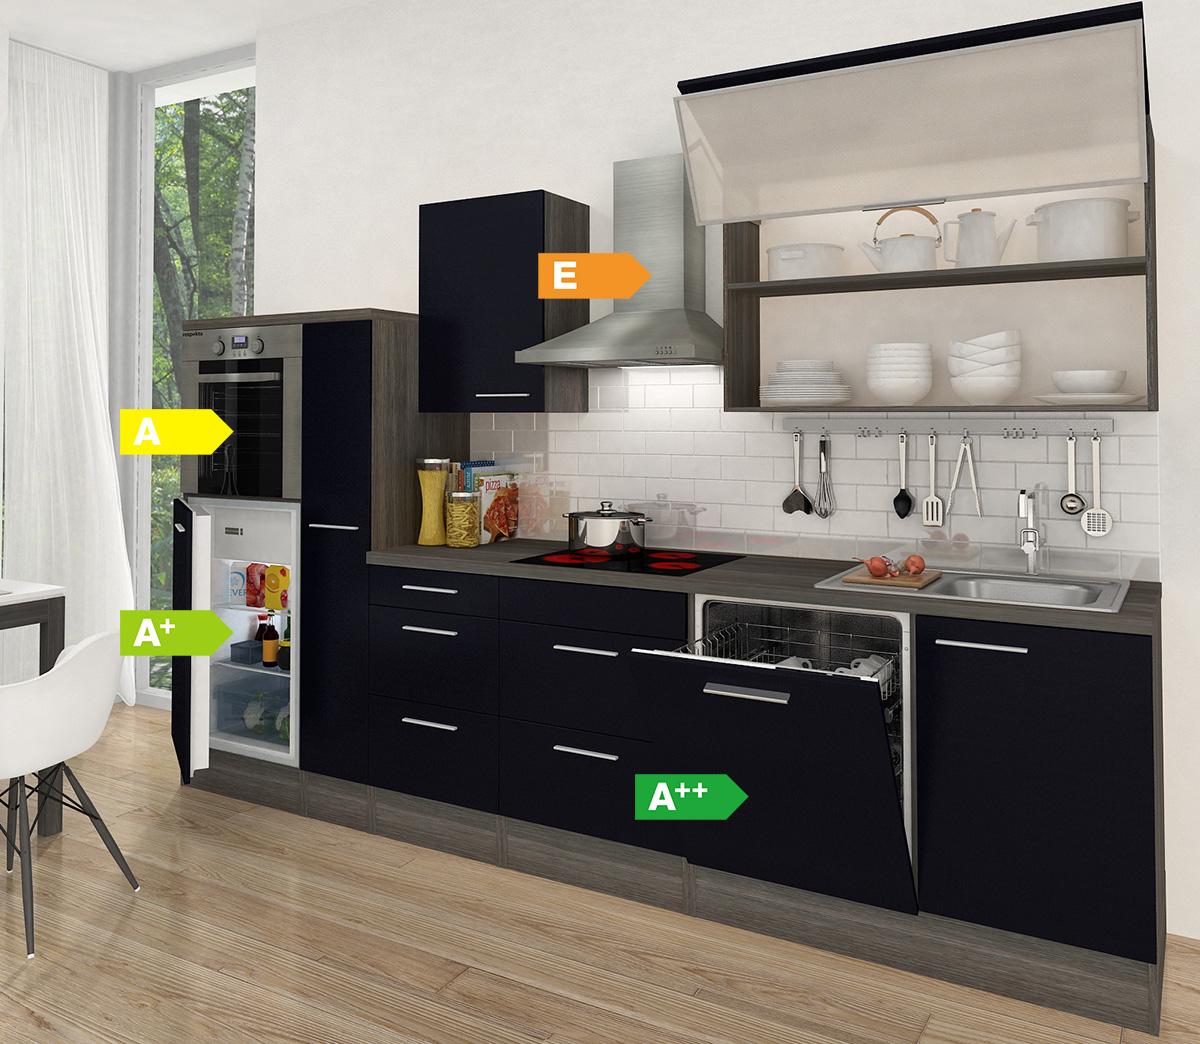 Küchenzeile Premium 310cm Eiche grau Nachb.,Backofen oben, vers ...